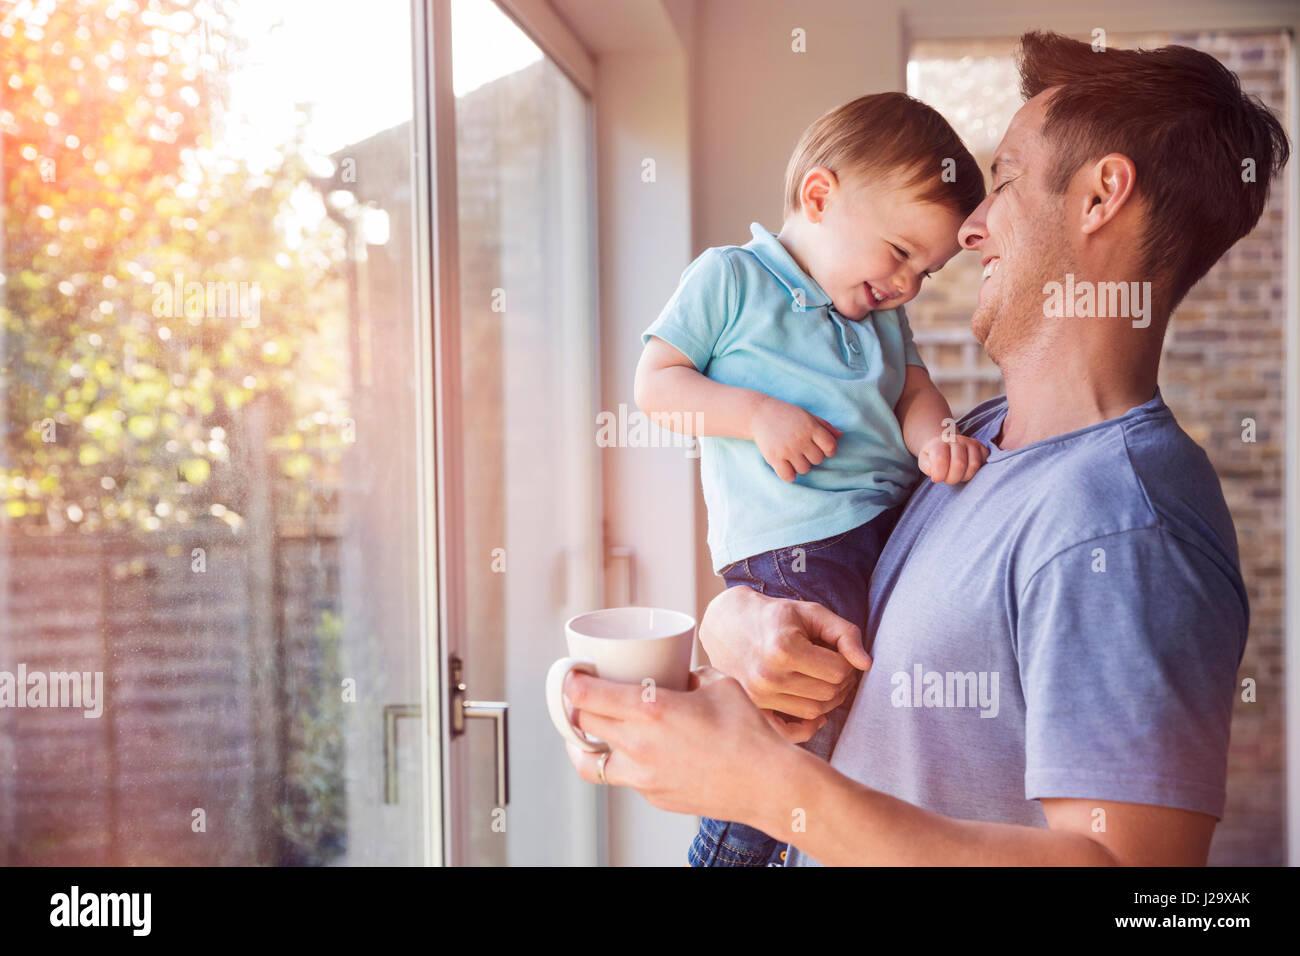 Padre detiene il bimbo figlio mentre si beve il caffè a casa, mediante la finestra Immagini Stock